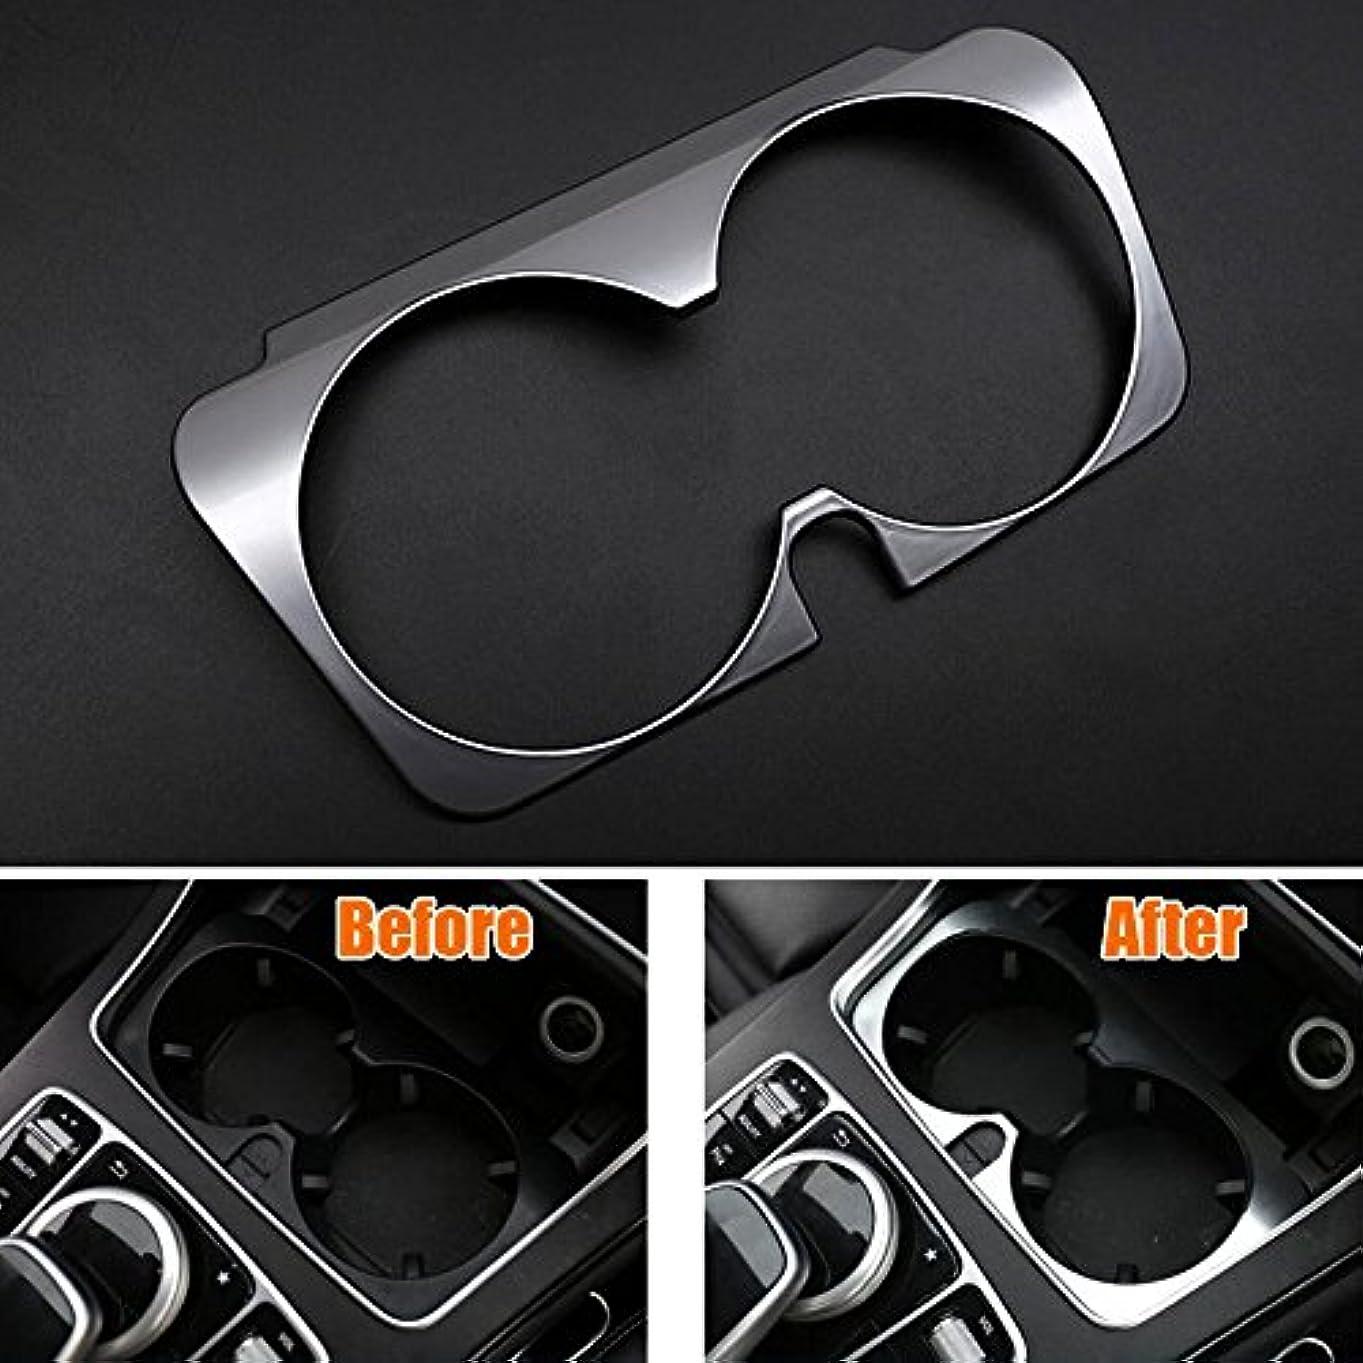 限りカーテン小包Jicorzo - Console Water Cup Holder Cover Trim Frame Interior Chrome ABS Car-styling Sticker For Mercedes Benz...